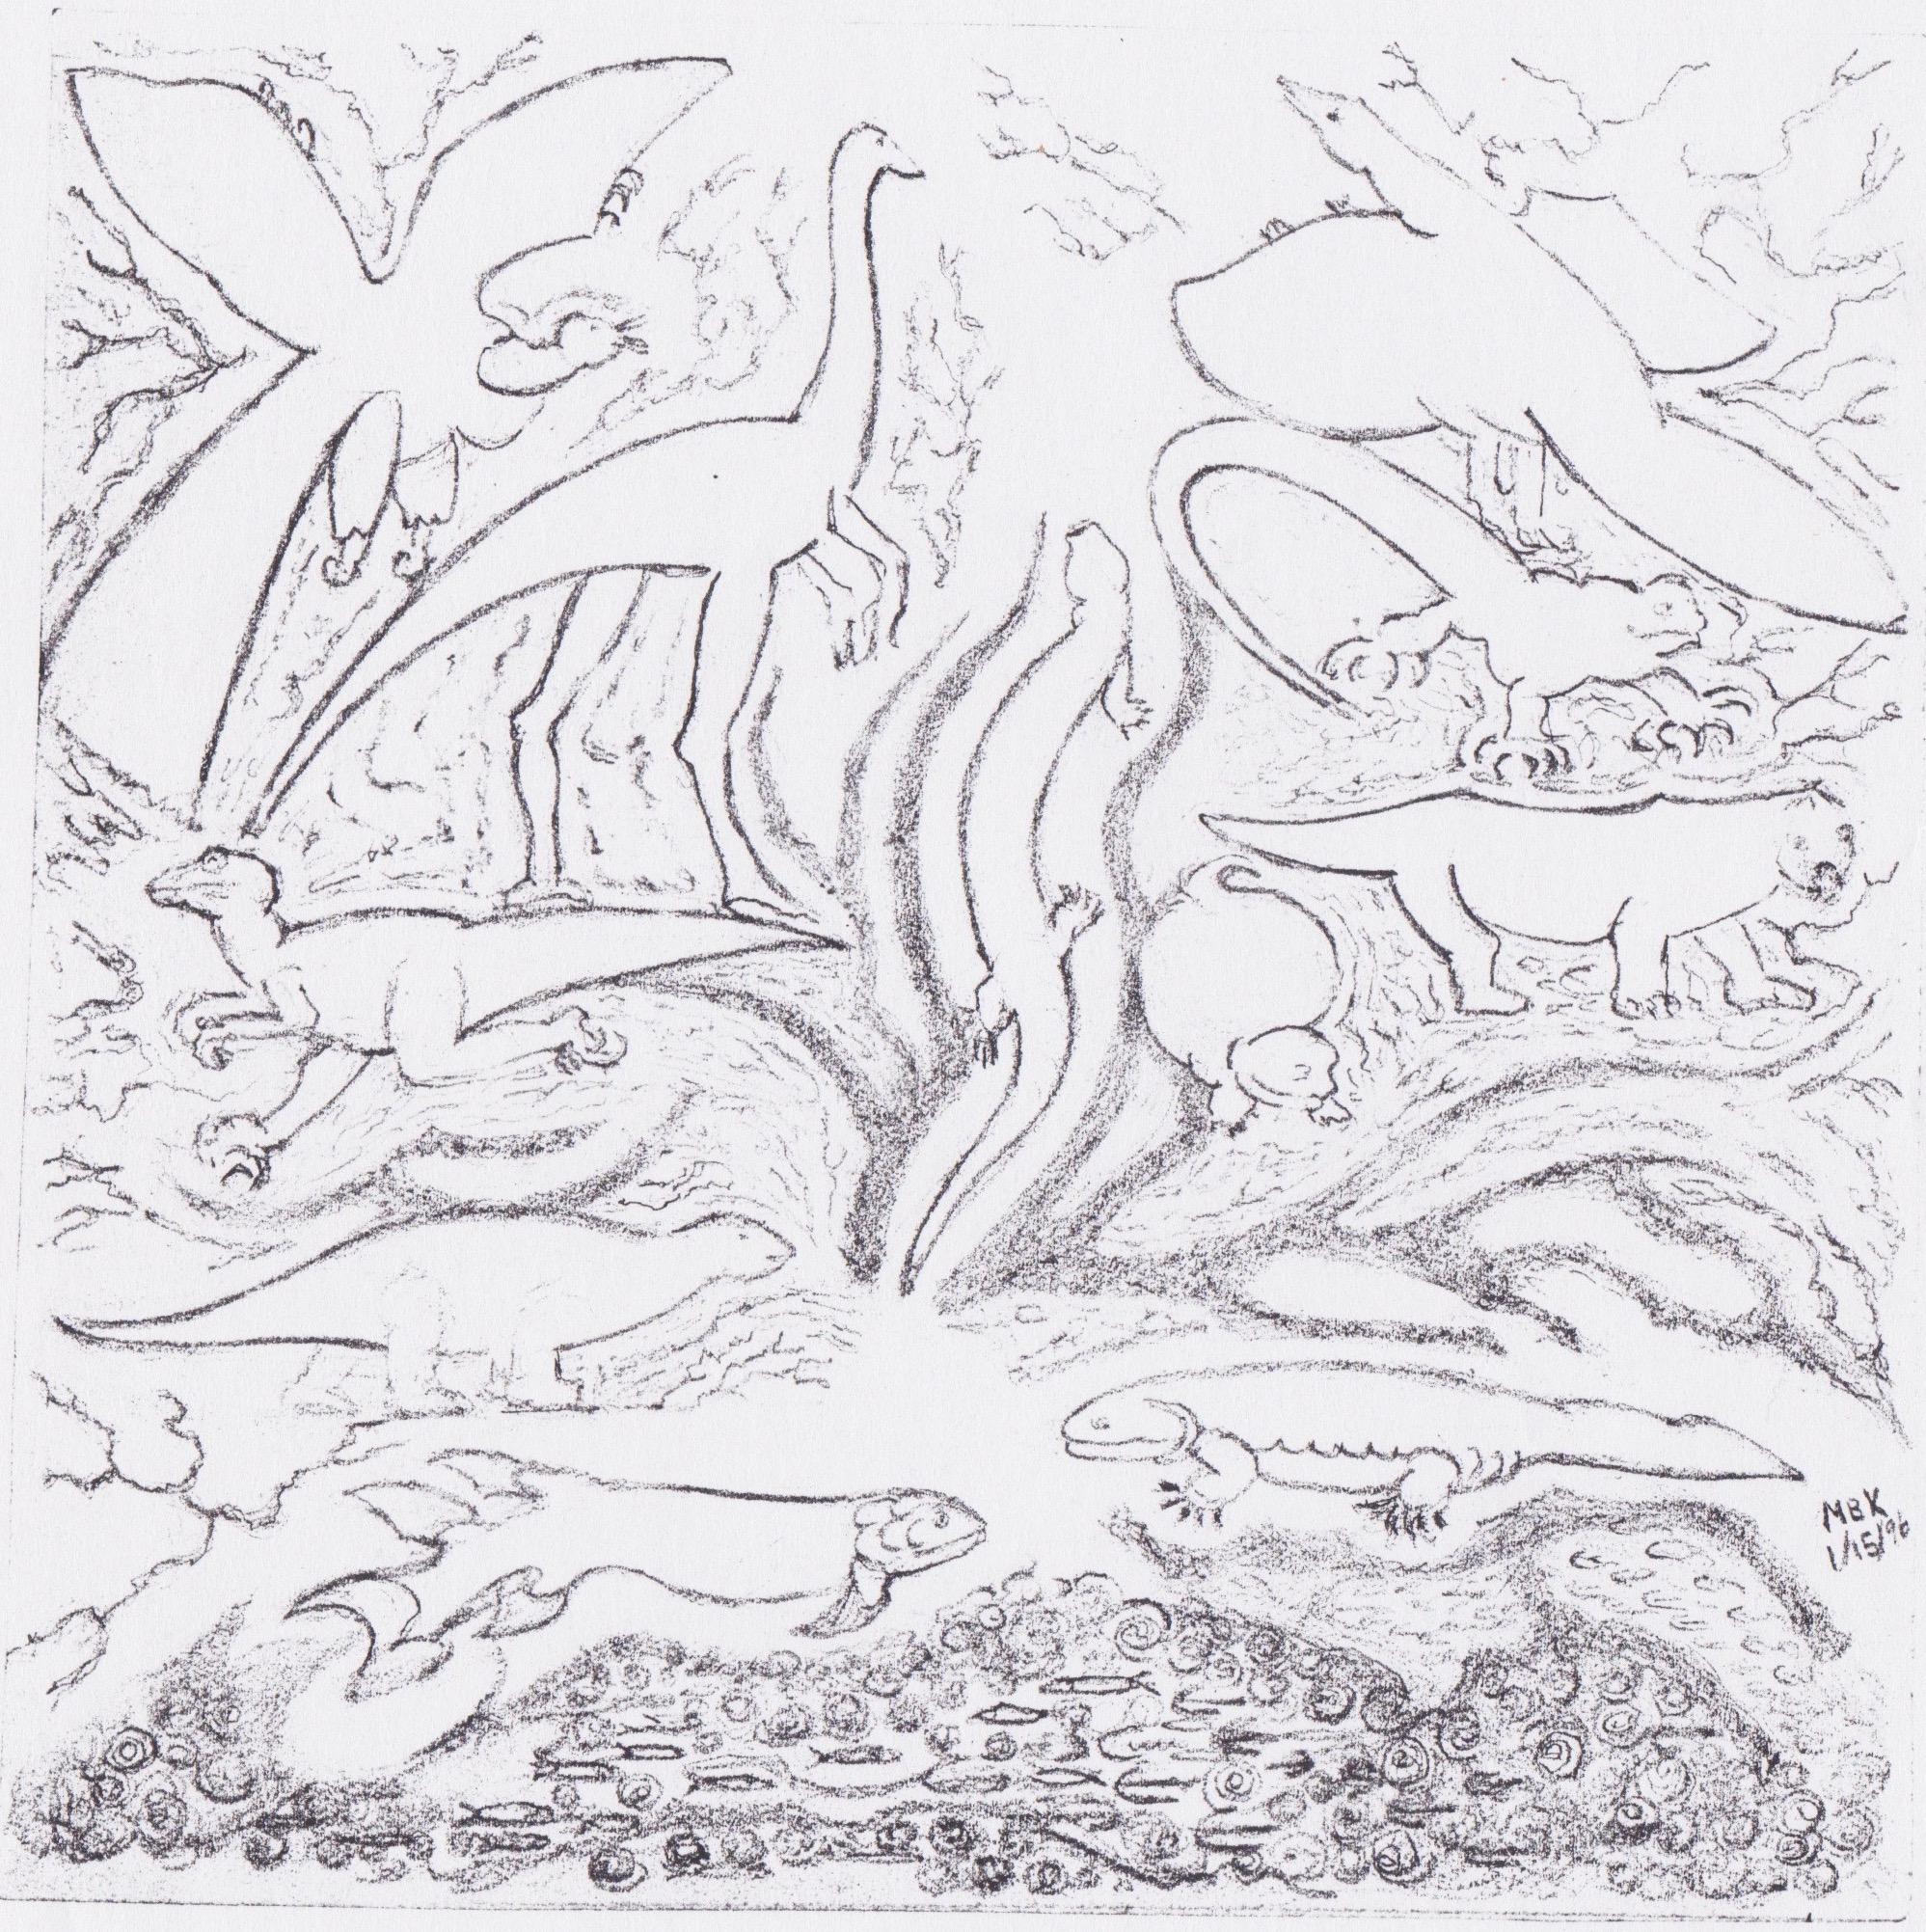 Origins Sketch I